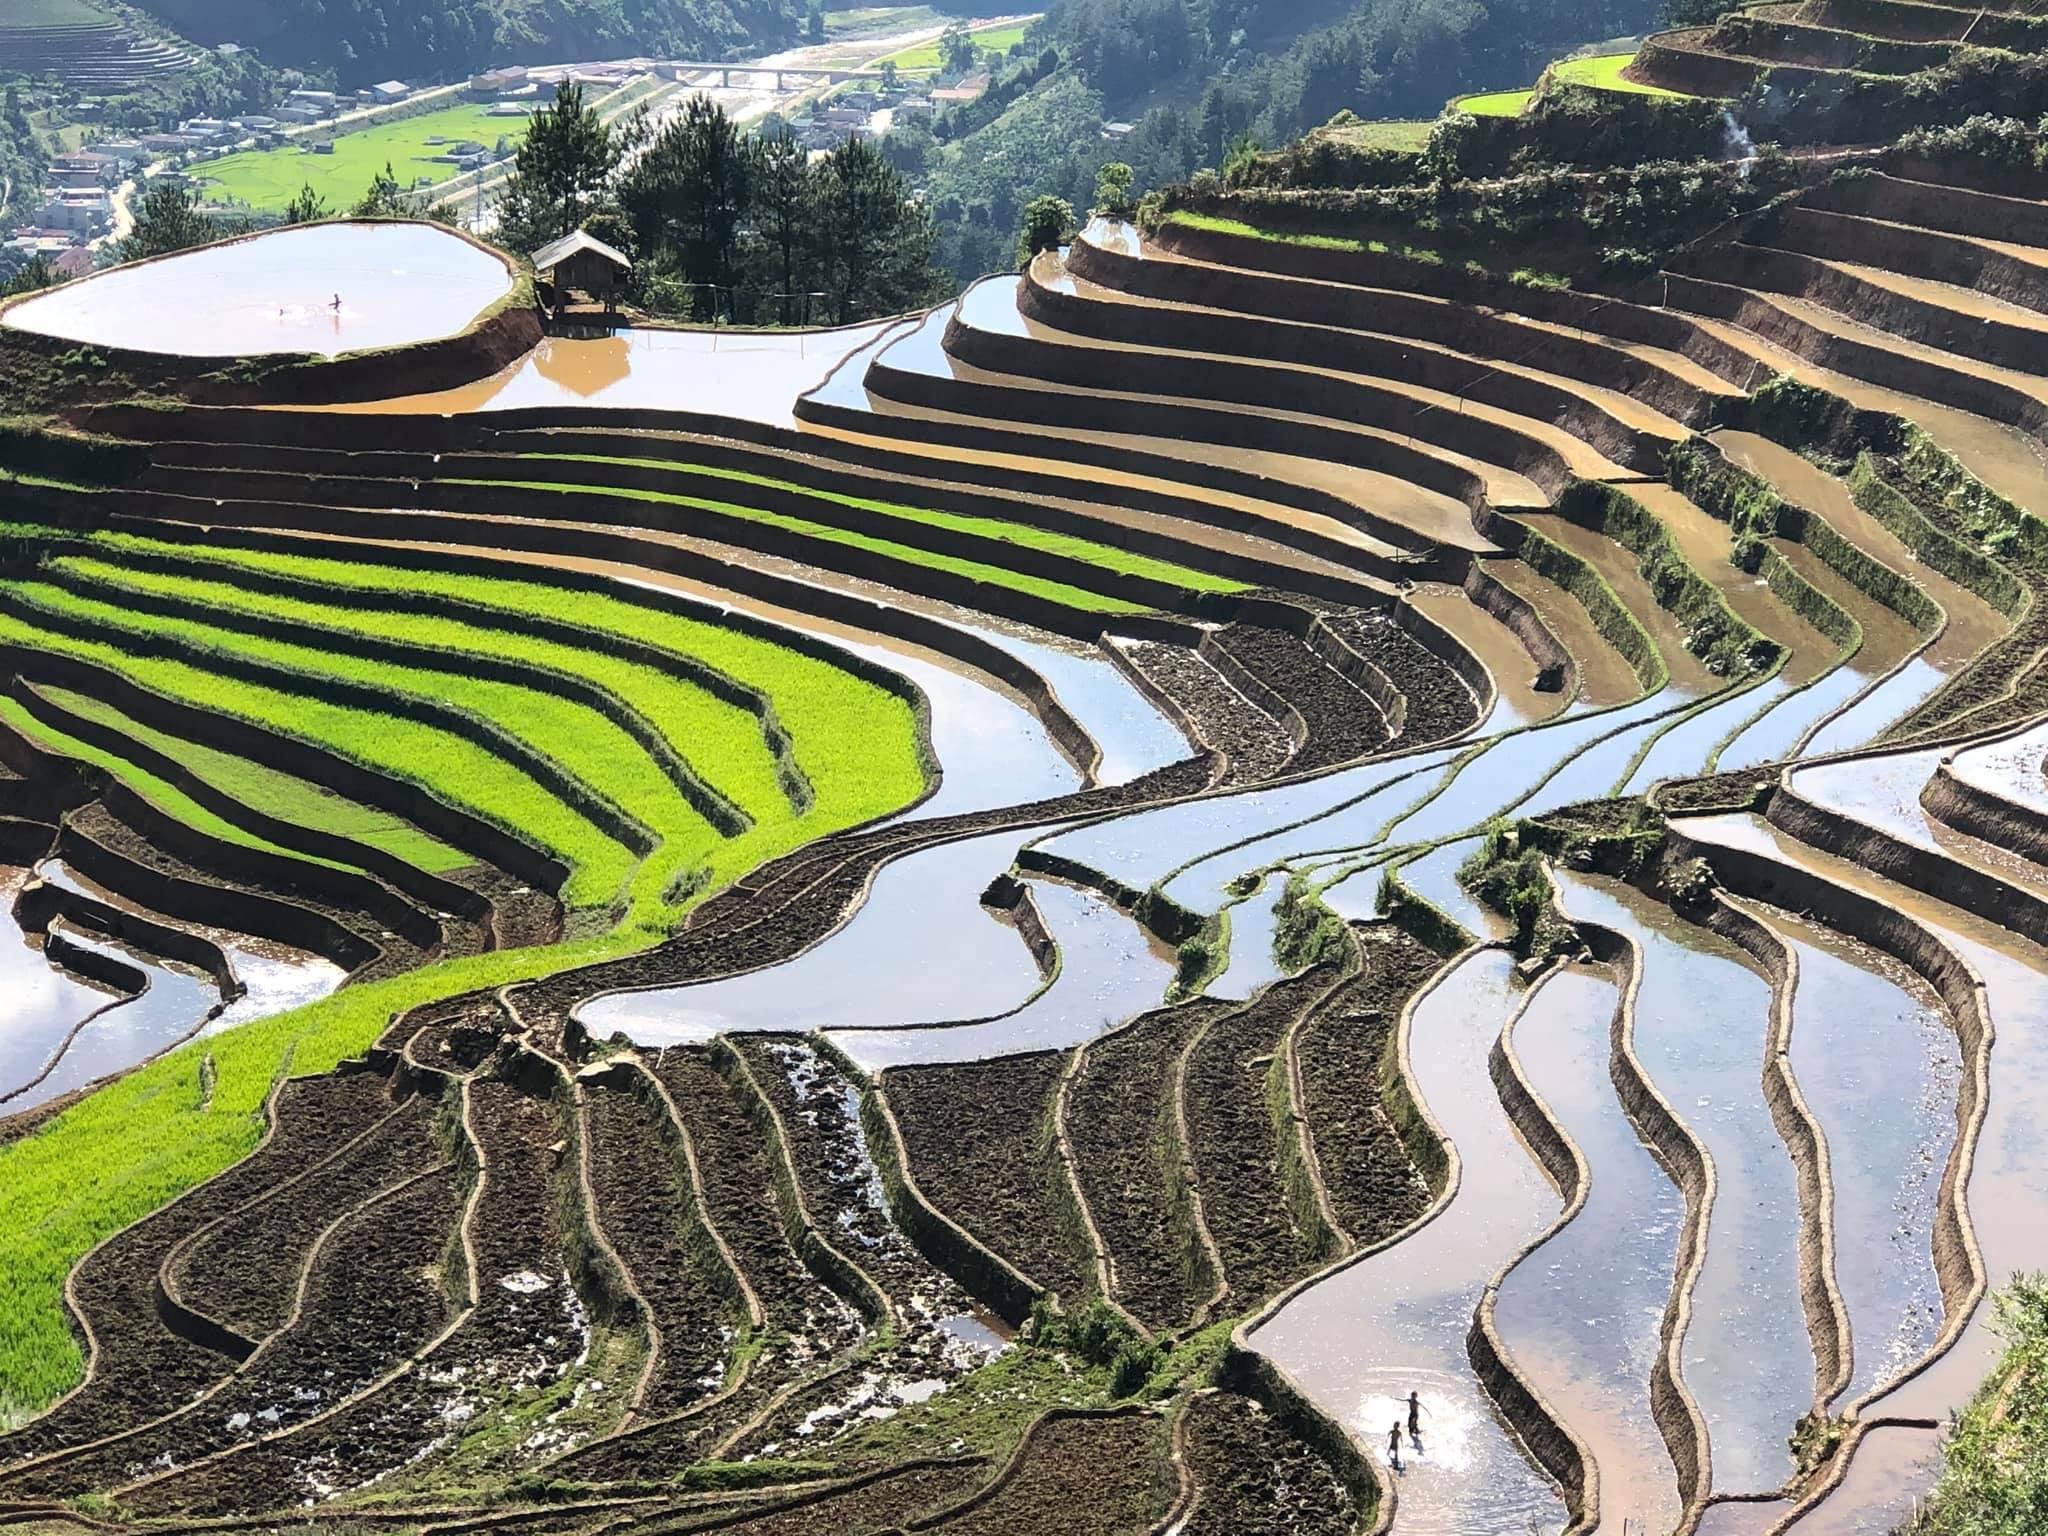 Mu-cang-chai-du-lich-mua-nuoc-do-nam-2020-duoc-to-chuc-vao-30-thang-5-vietmountain-travel5